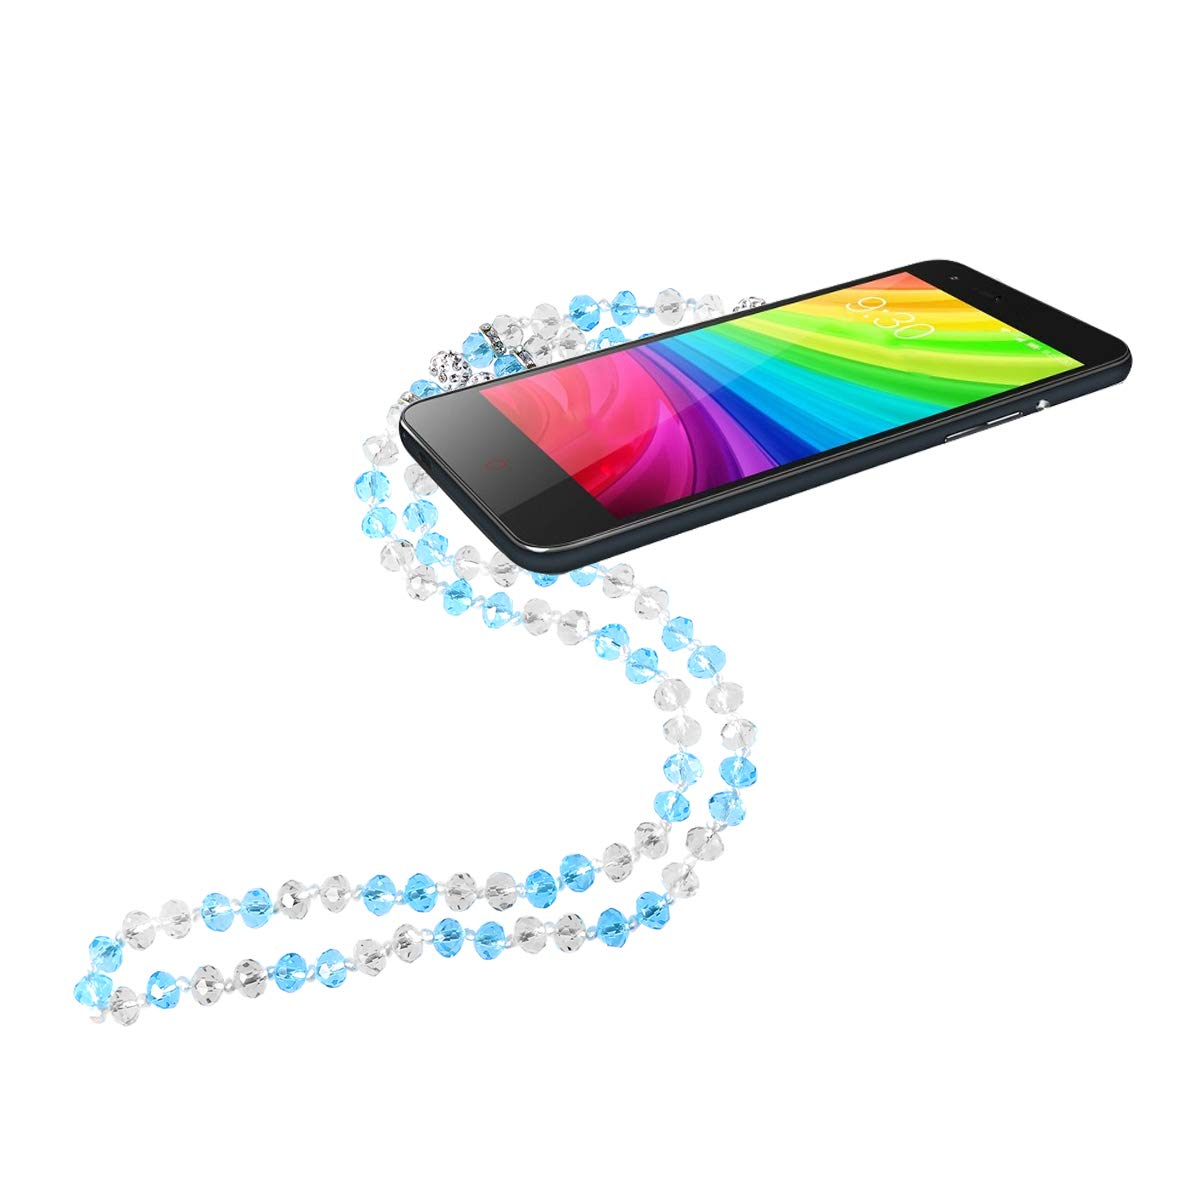 3pcs cha/îne de cristal de lani/ère de t/él/éphone portable lani/ère d/étachable sangle de t/él/éphone portable anti-perdue lani/ère de t/él/éphone cordon suspendu sangle de corde porte-cl/&